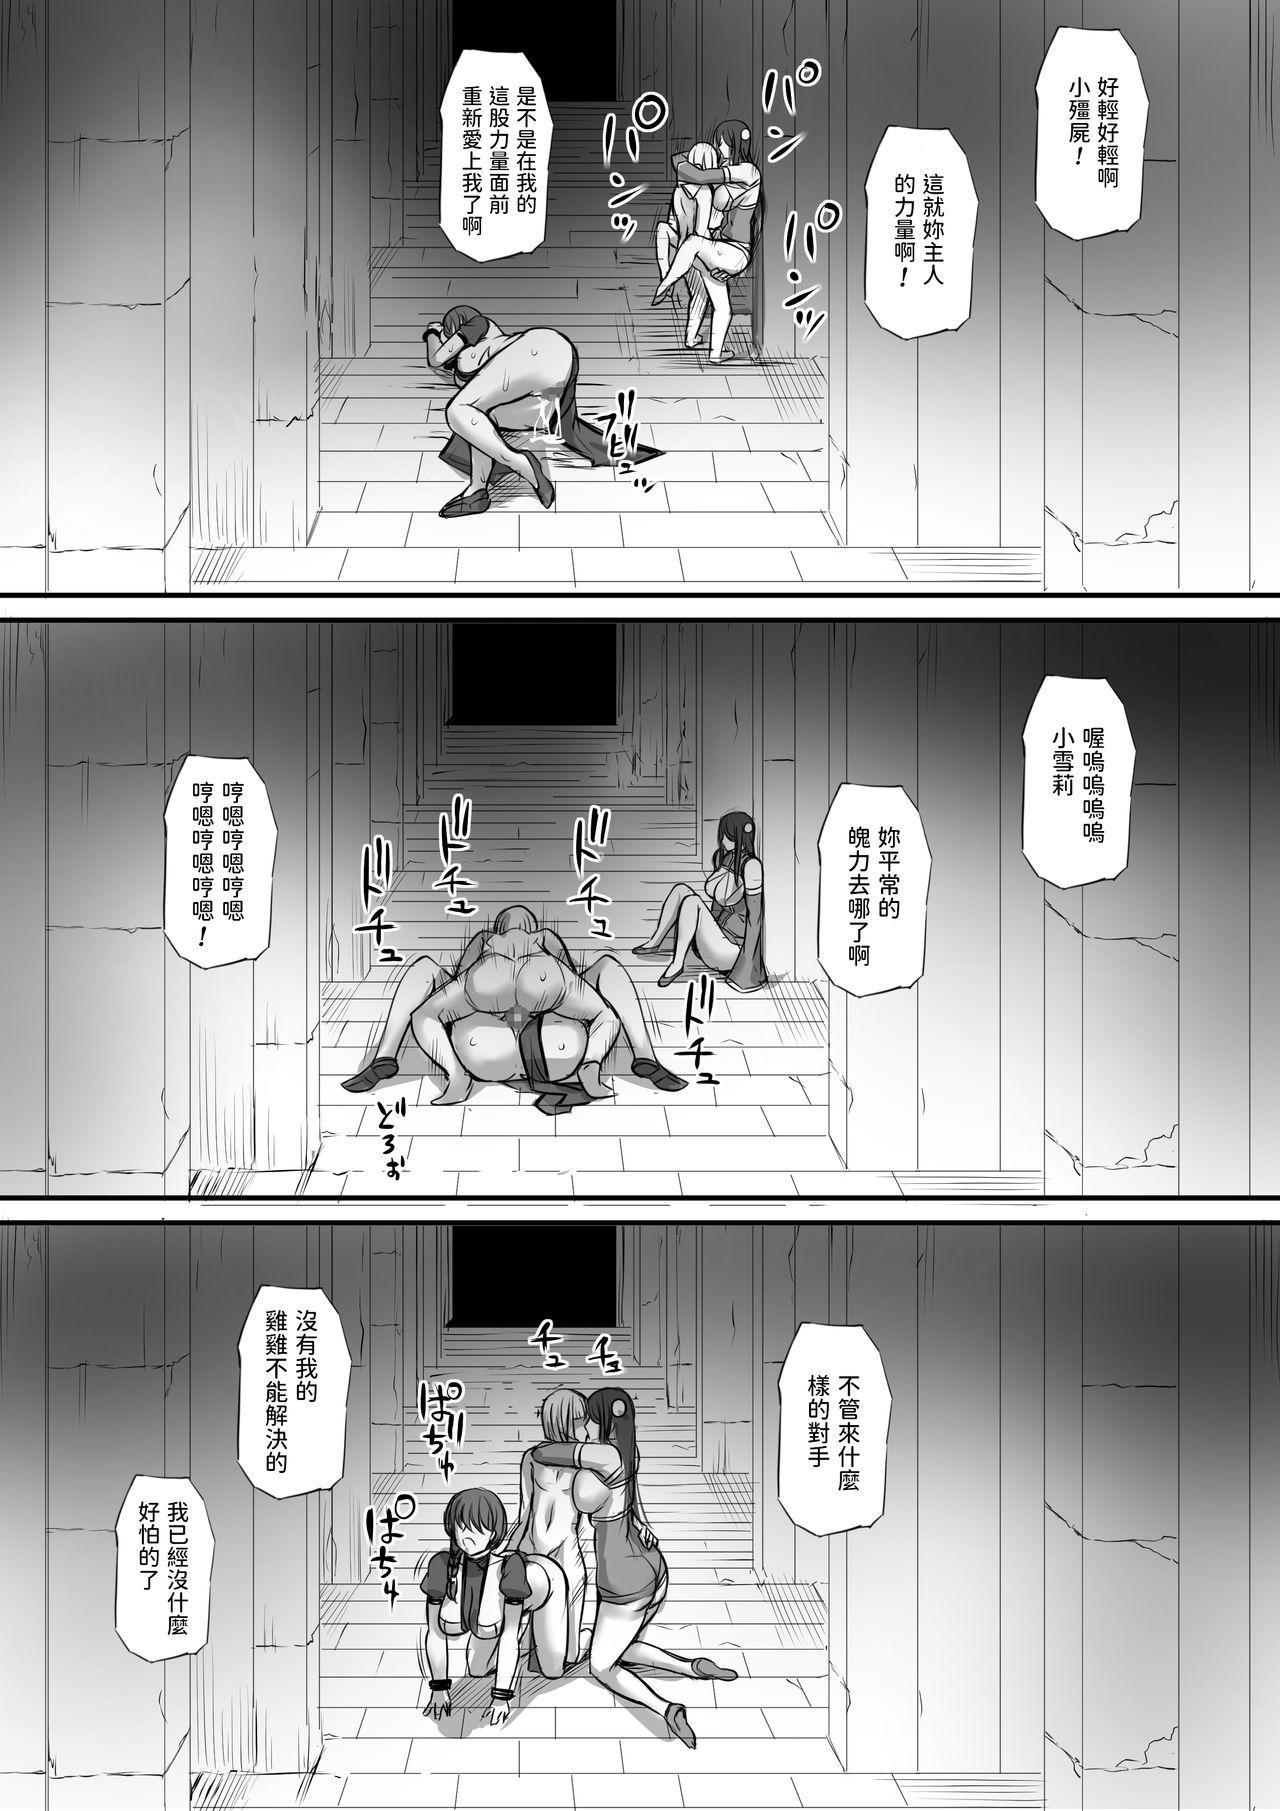 Meikyuu de Kakutou Musume no Shitai o Hirotte Jiangshi ni Shitemita Hanashi 2 39